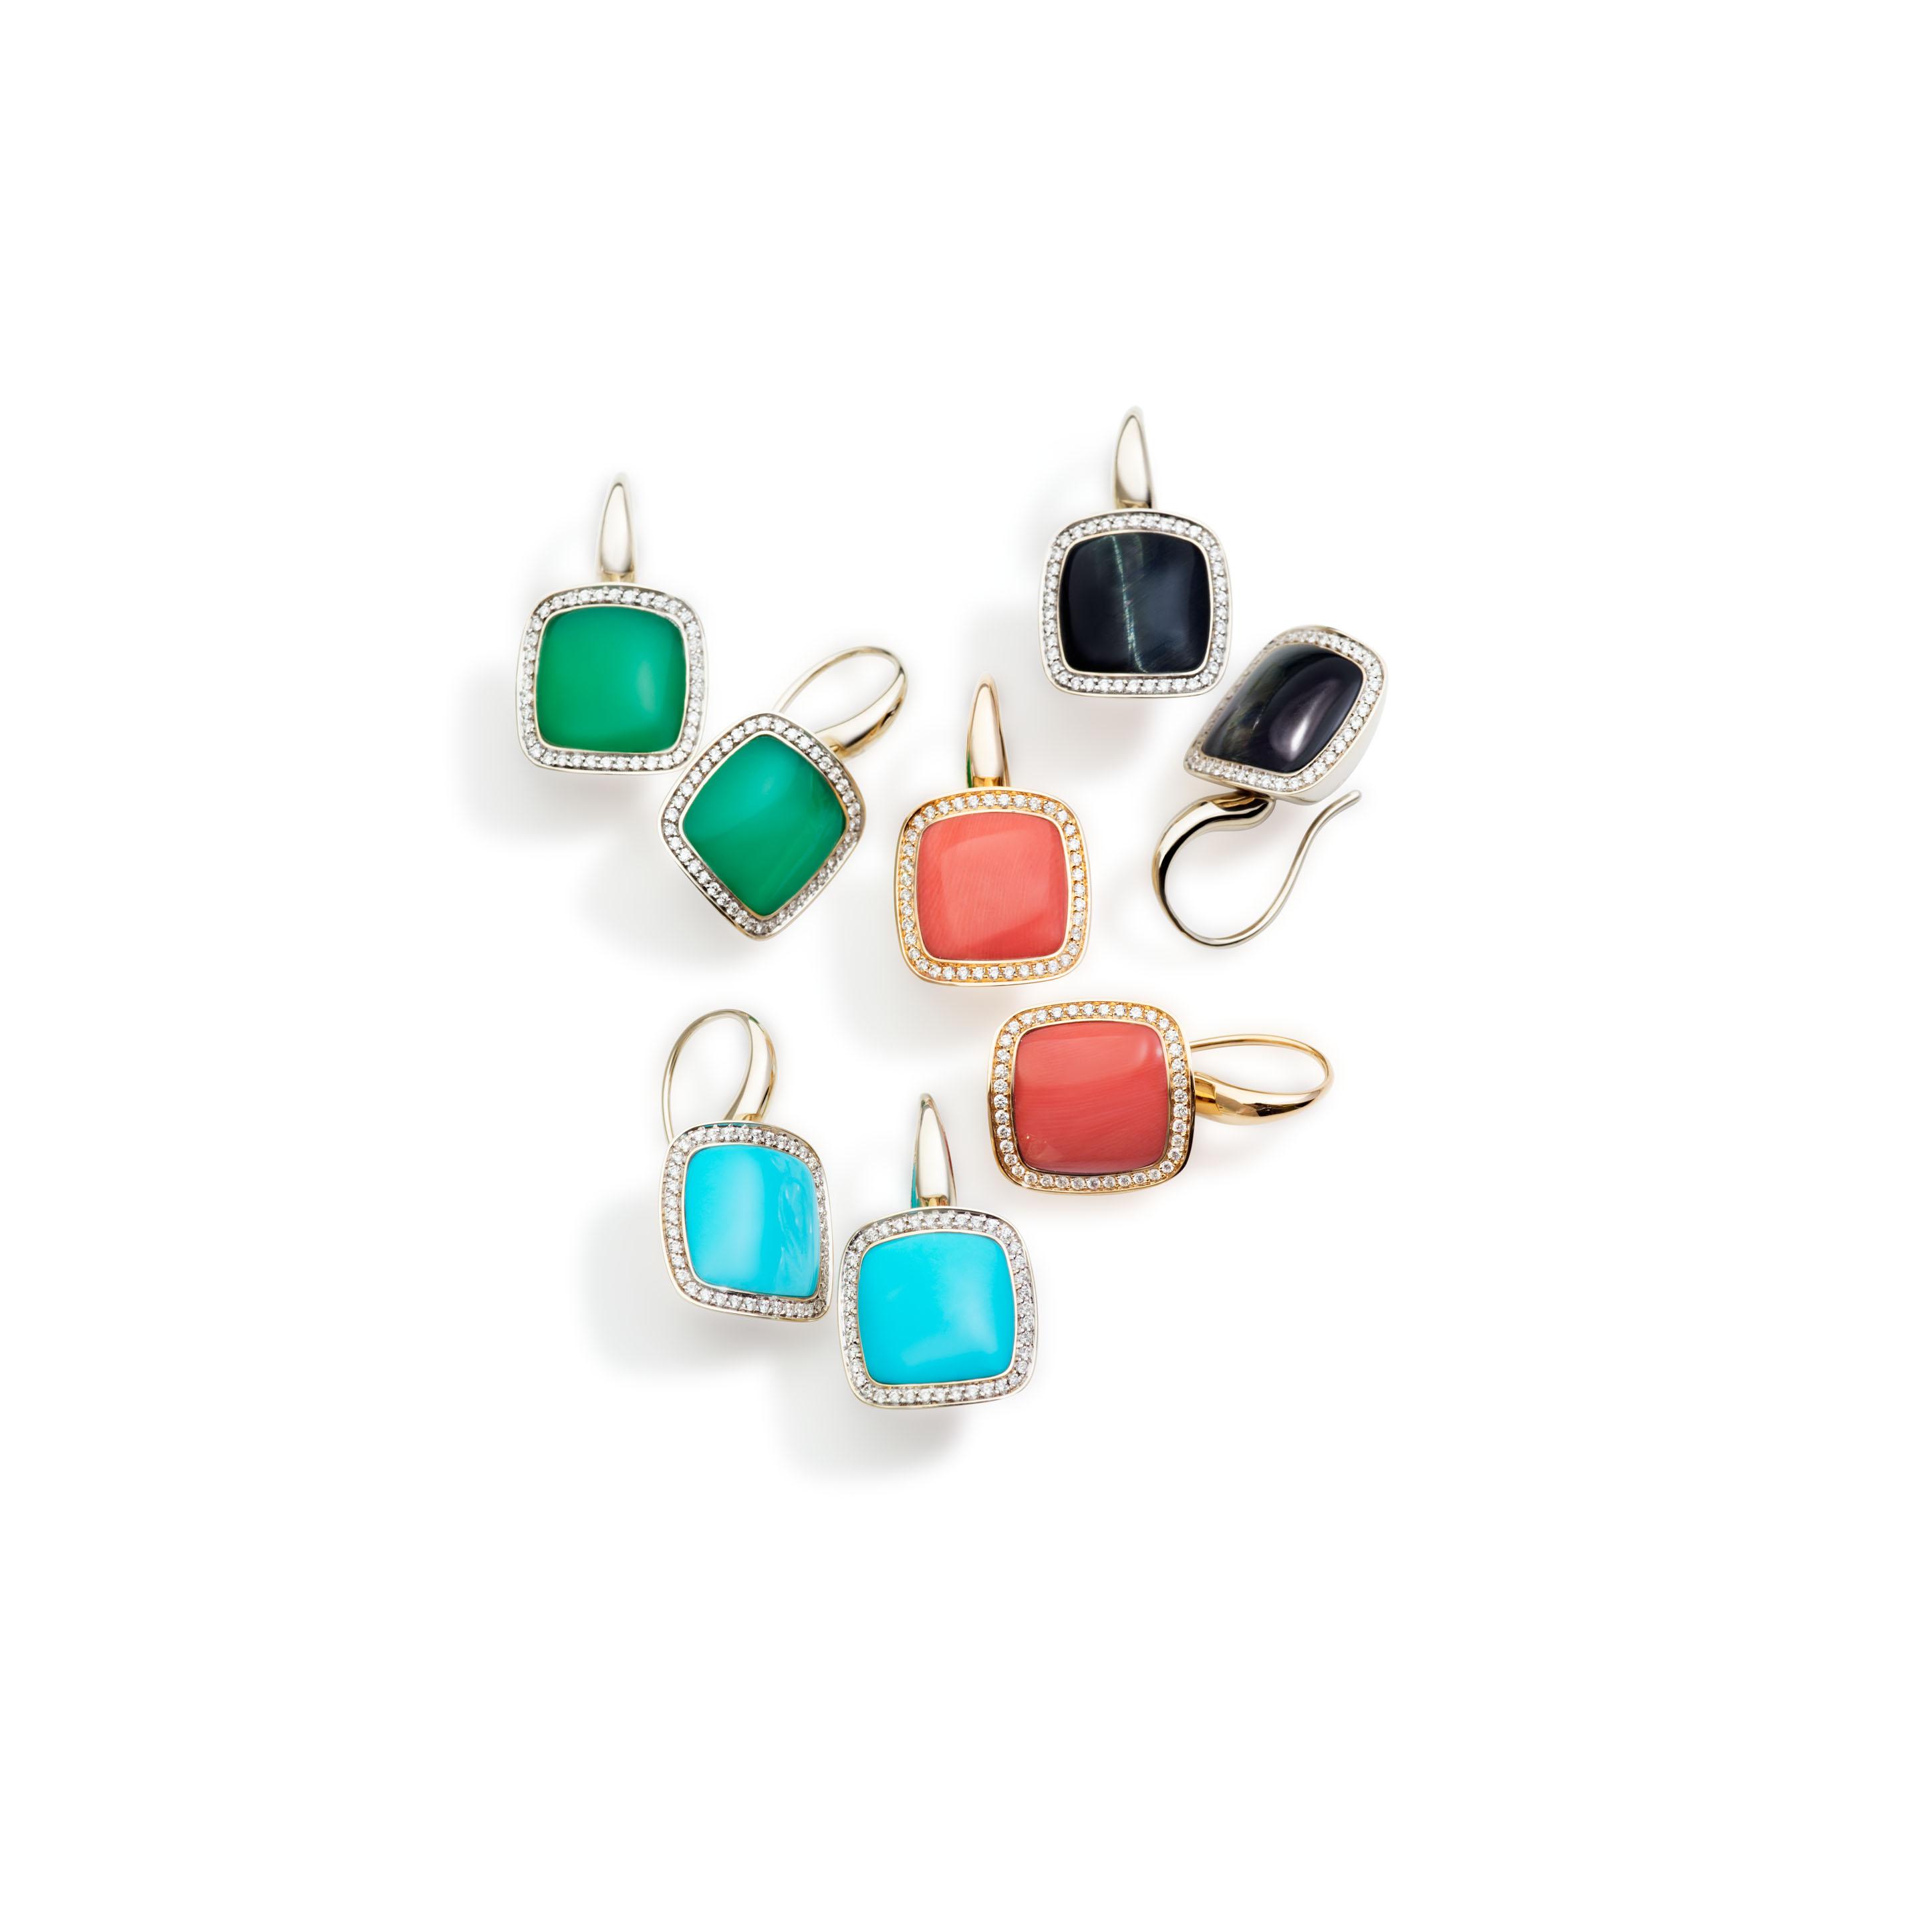 Gioielli con corallo le tendenze dell 39 estate for Designer gioielli